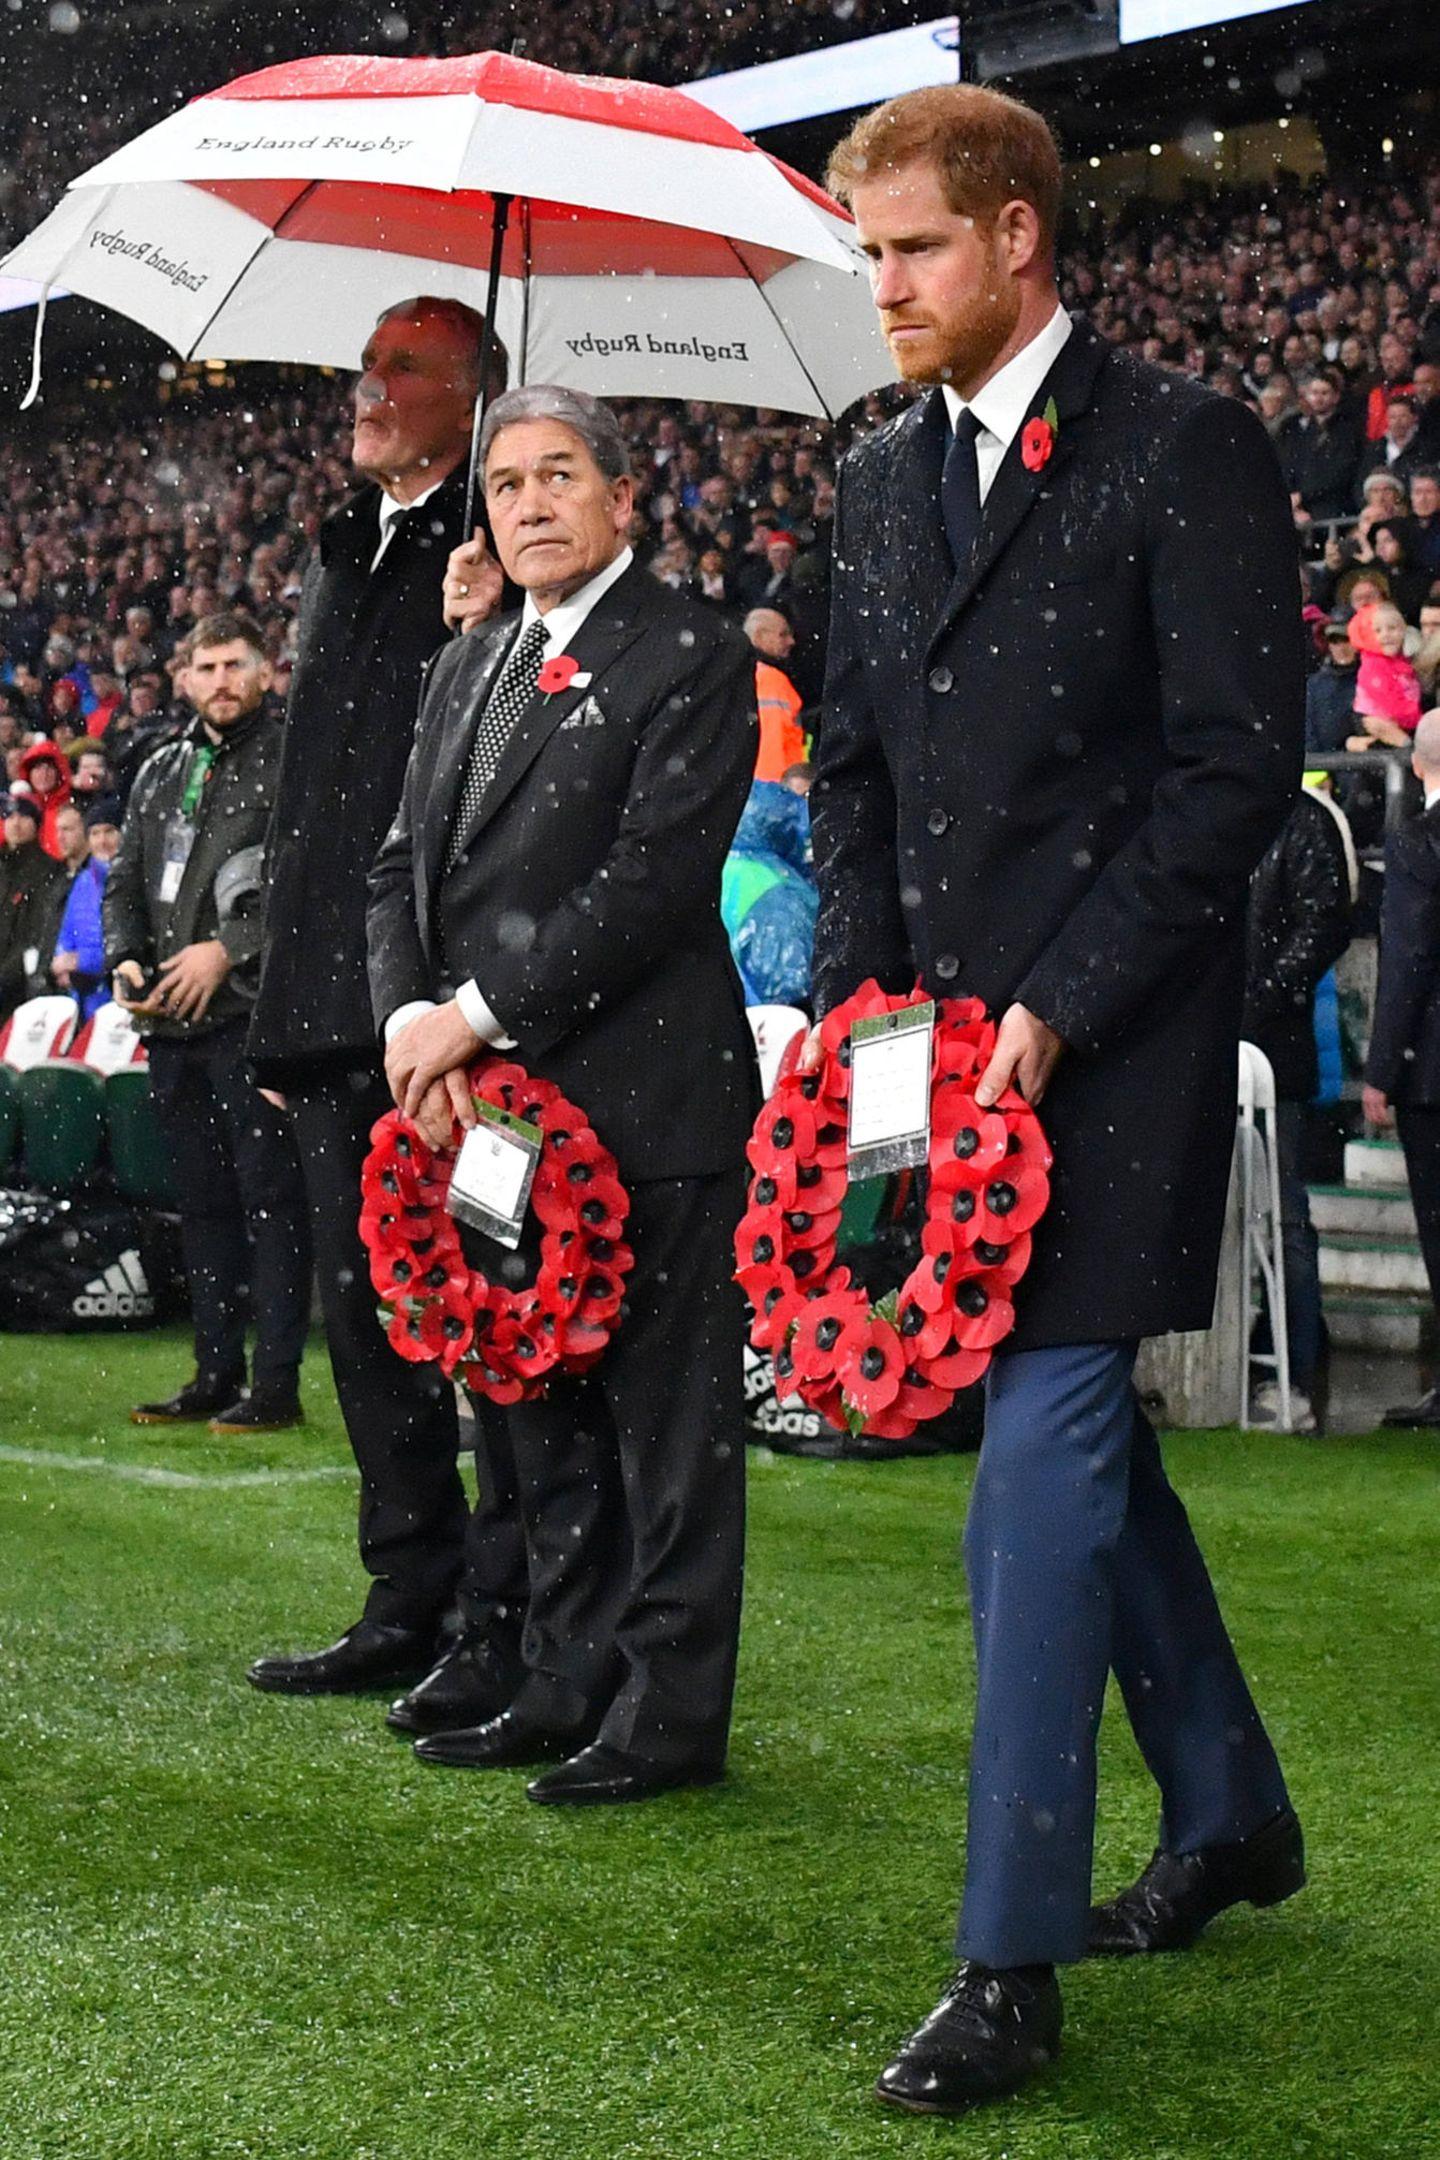 10. November 2018  Prinz Harry zeigt sich sichtbar gerührtvor dem Rugbyspiel zwischen England und Neuseeland in Twickenham. Es werden die gefallenen Soldaten des Ersten Weltkriegs geehrt.